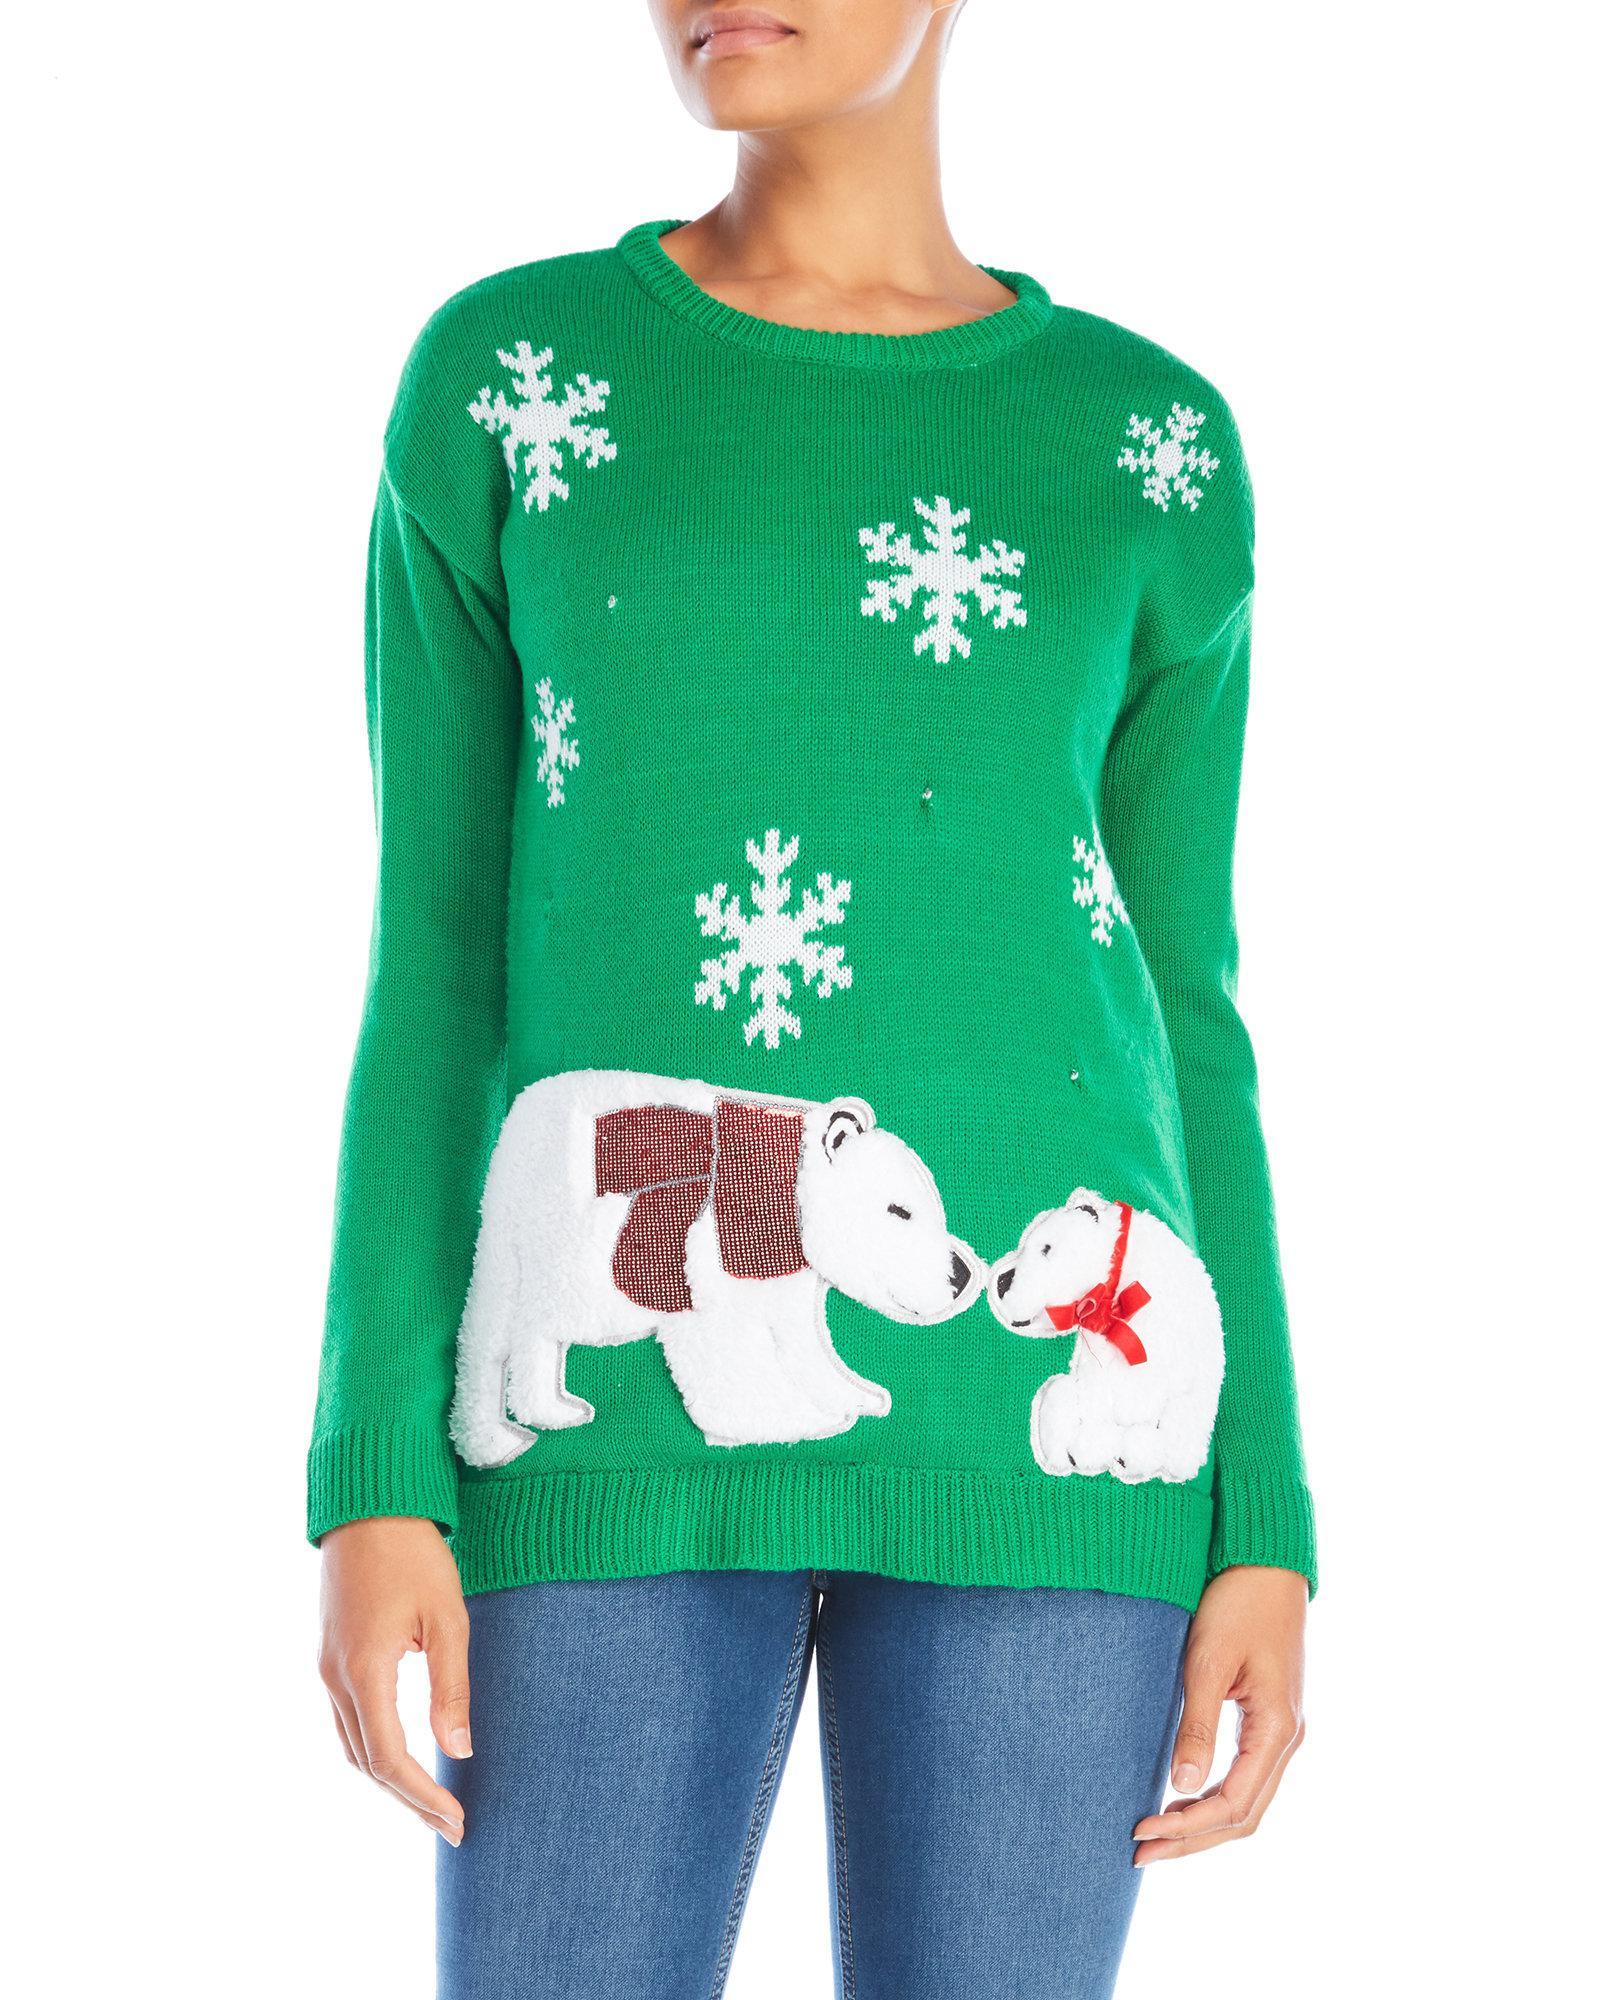 Lyst - Derek Heart Polar Bear Kiss Led Christmas Sweater in Green